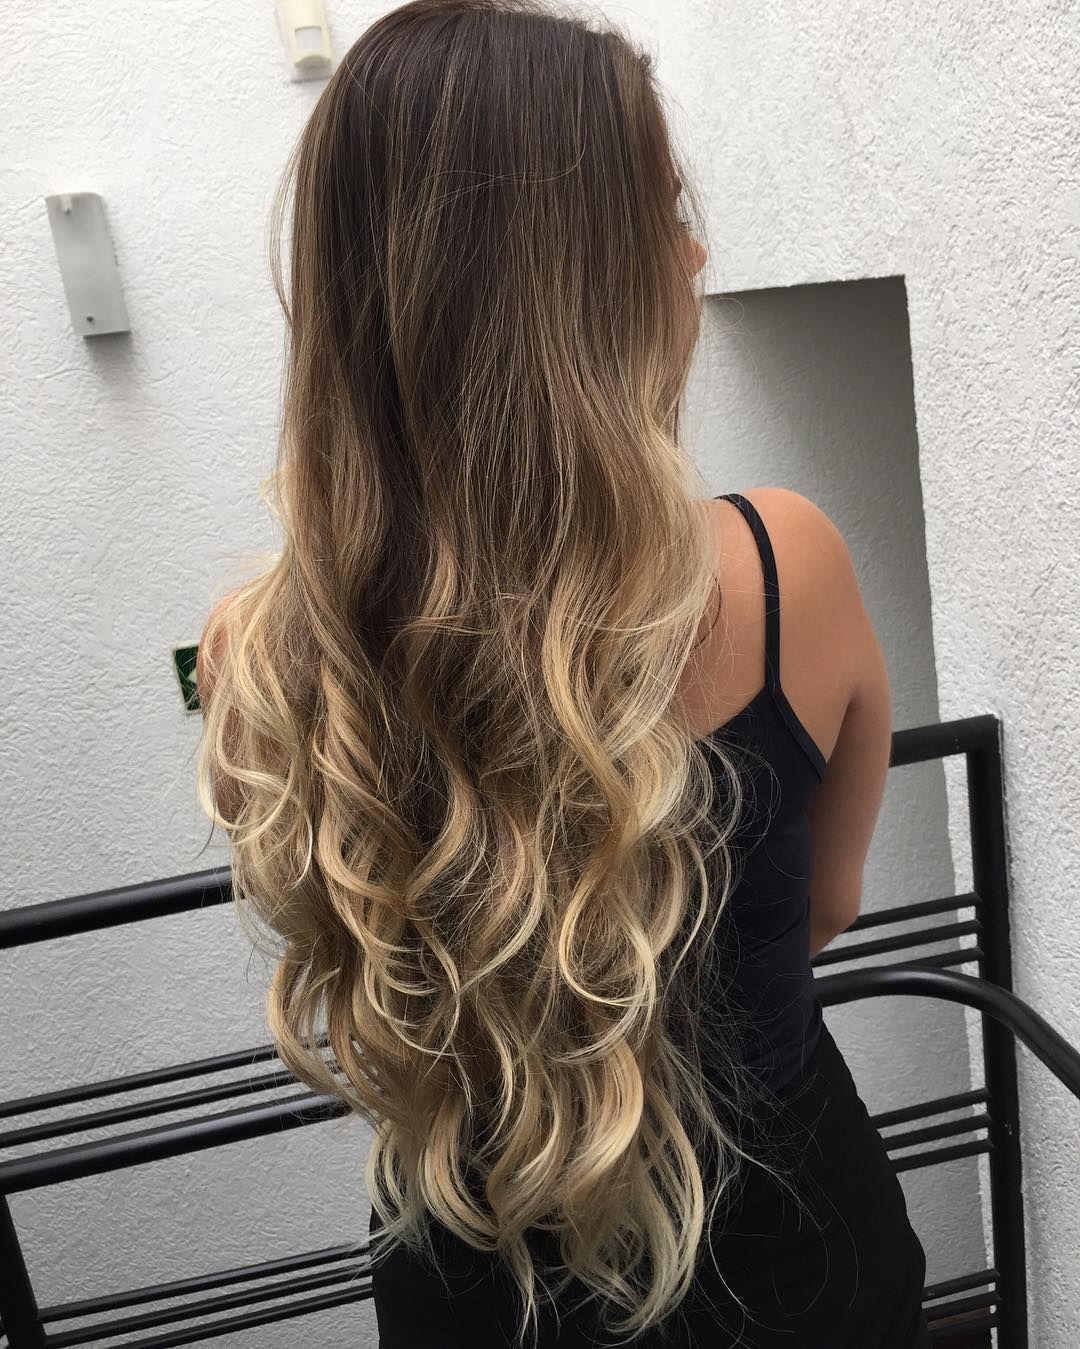 Ombre topcabelosbr blondnew cabelos newlook blondhair